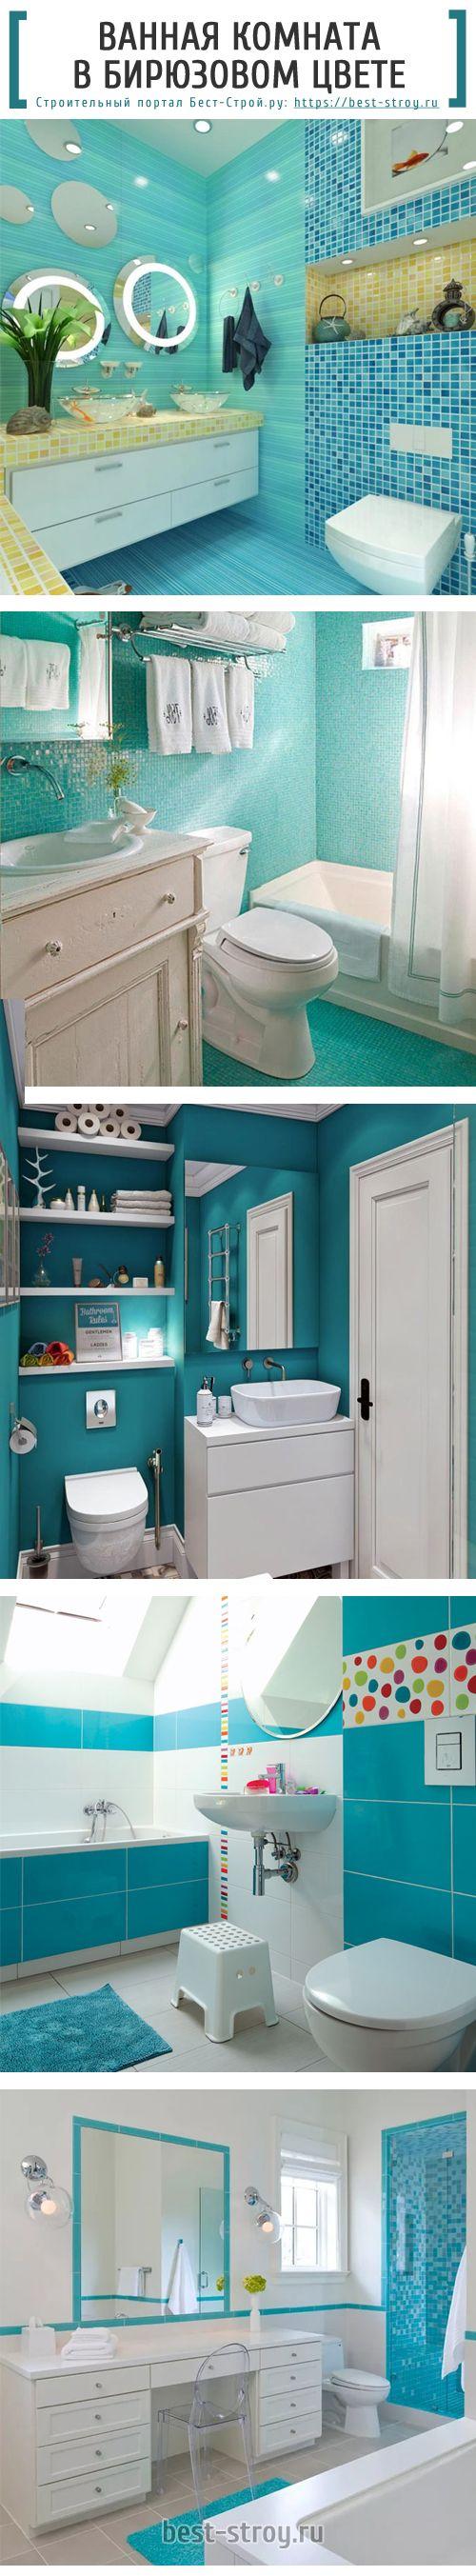 Бирюзовая ванная комната: идеи дизайна интерьера ванной в бирюзовом цвете, цвете морской волны